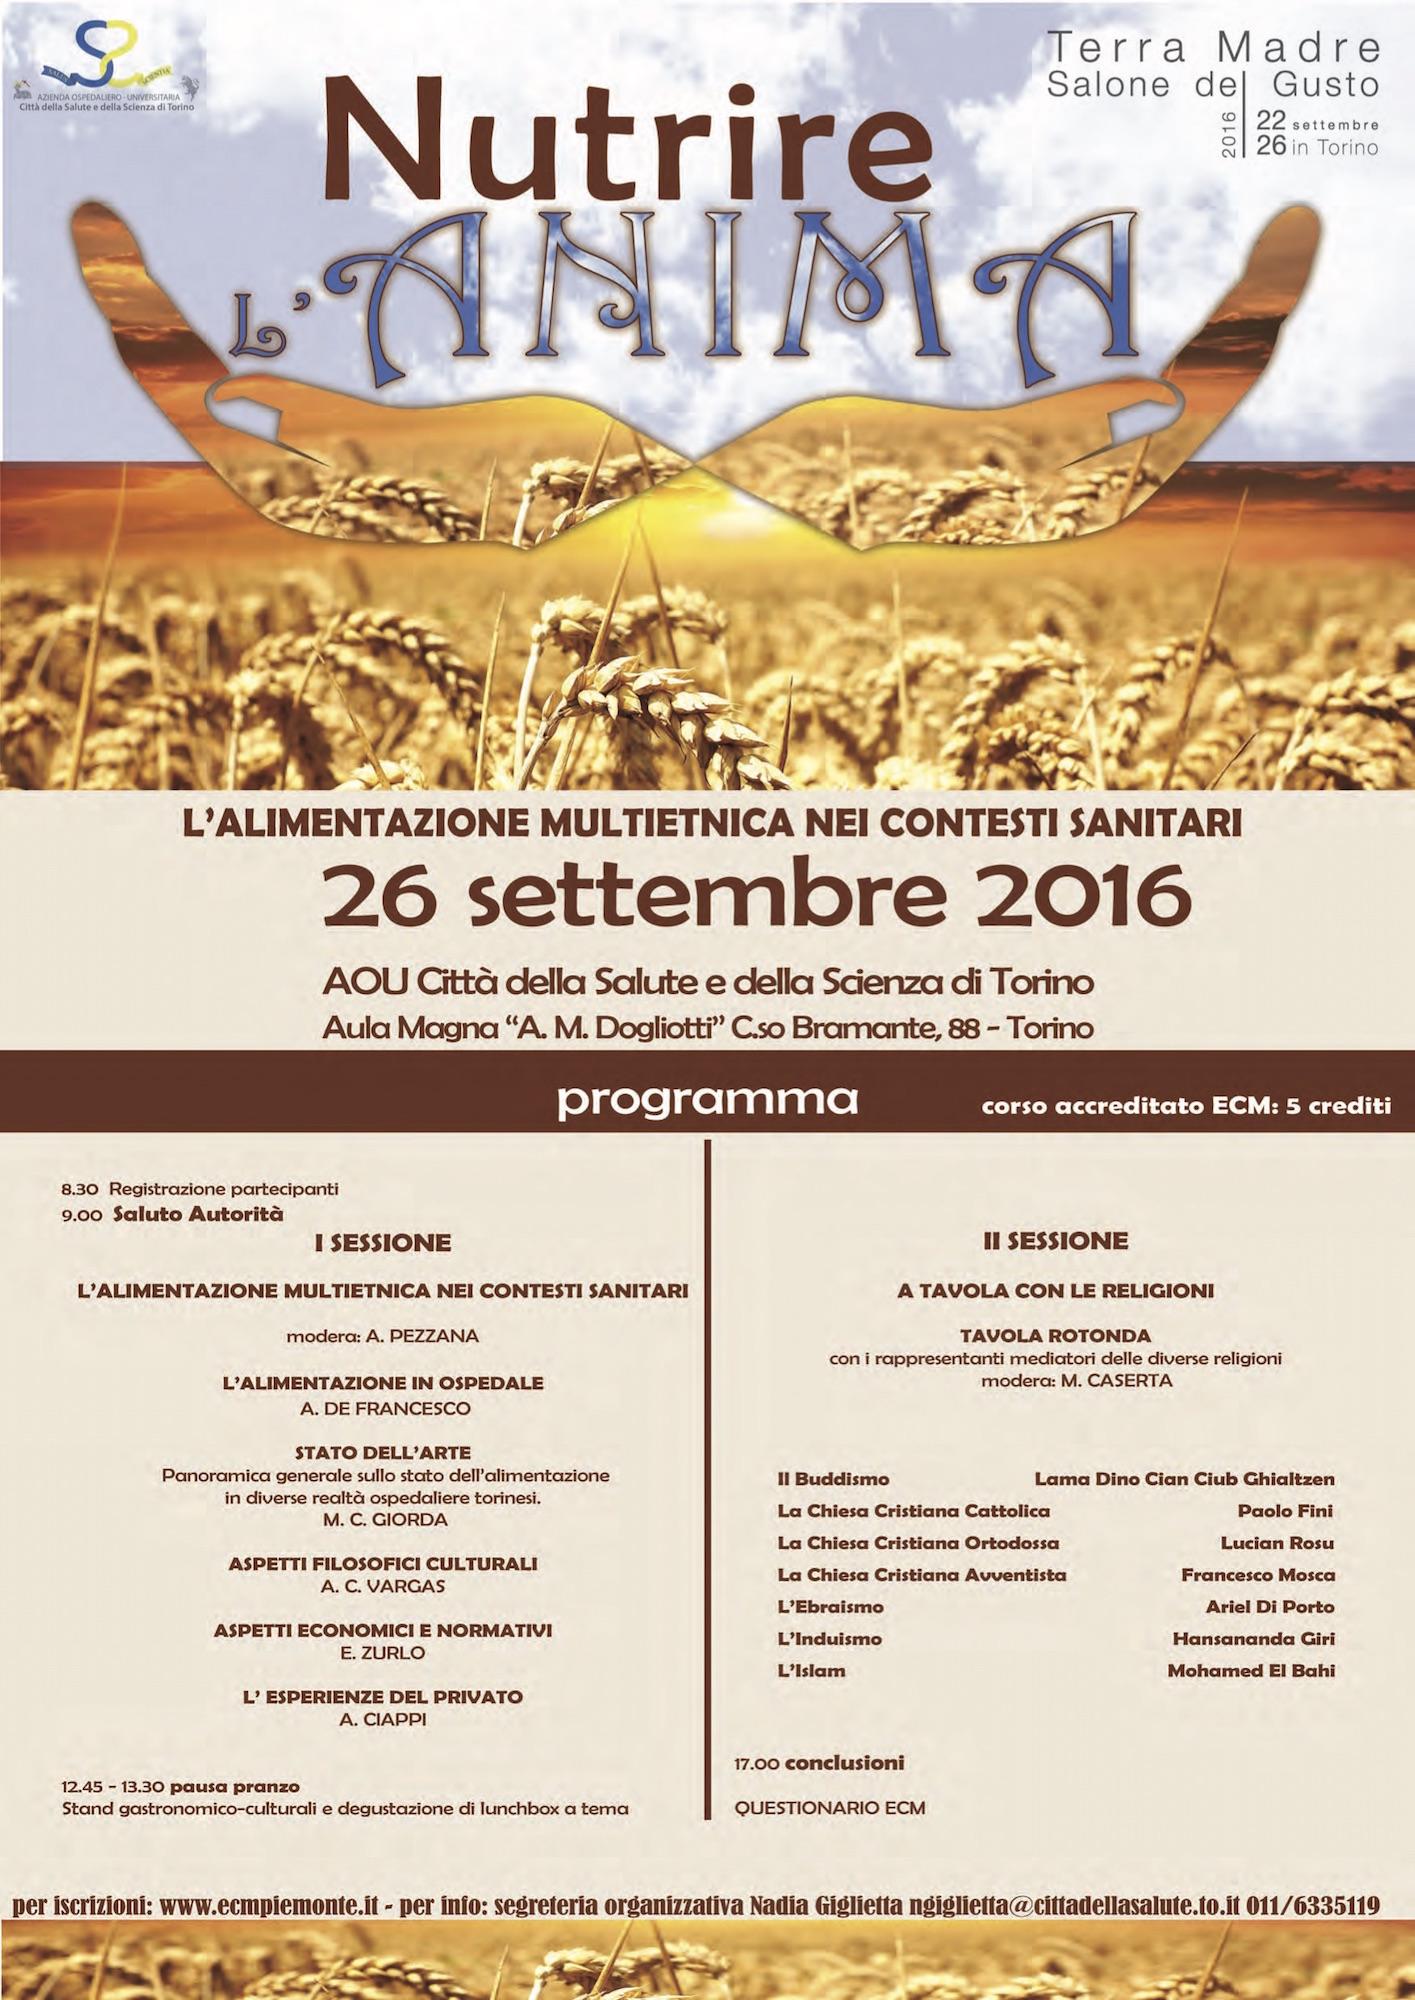 locandina-nutrire-lanima_26_settembre_2016_ridotto